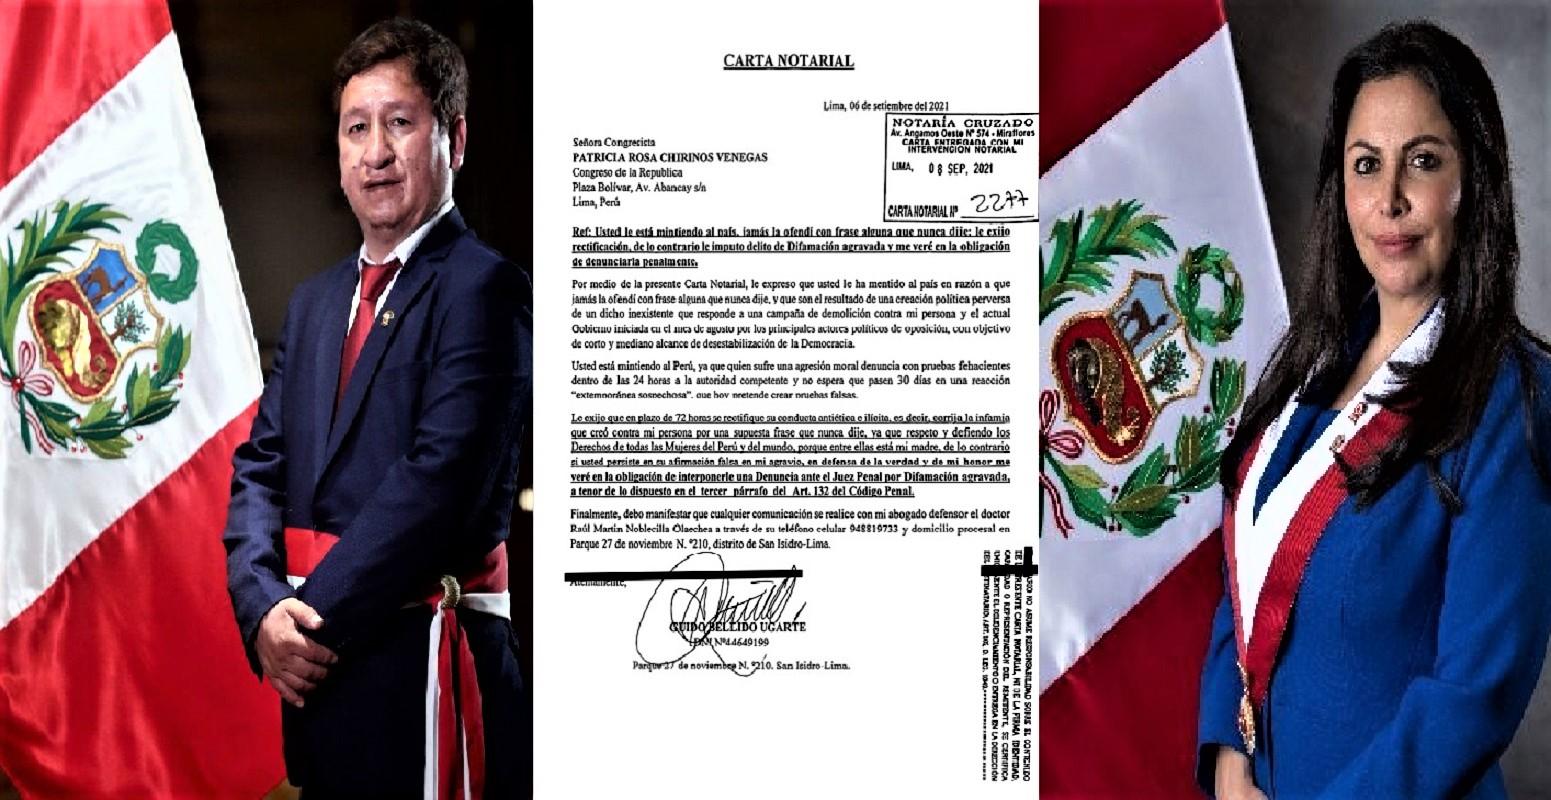 Premier Guido Bellido en carta notarial a Vicepresidenta del Congreso Patricia Chirinos exige se rectifique por las infamias contra su persona.